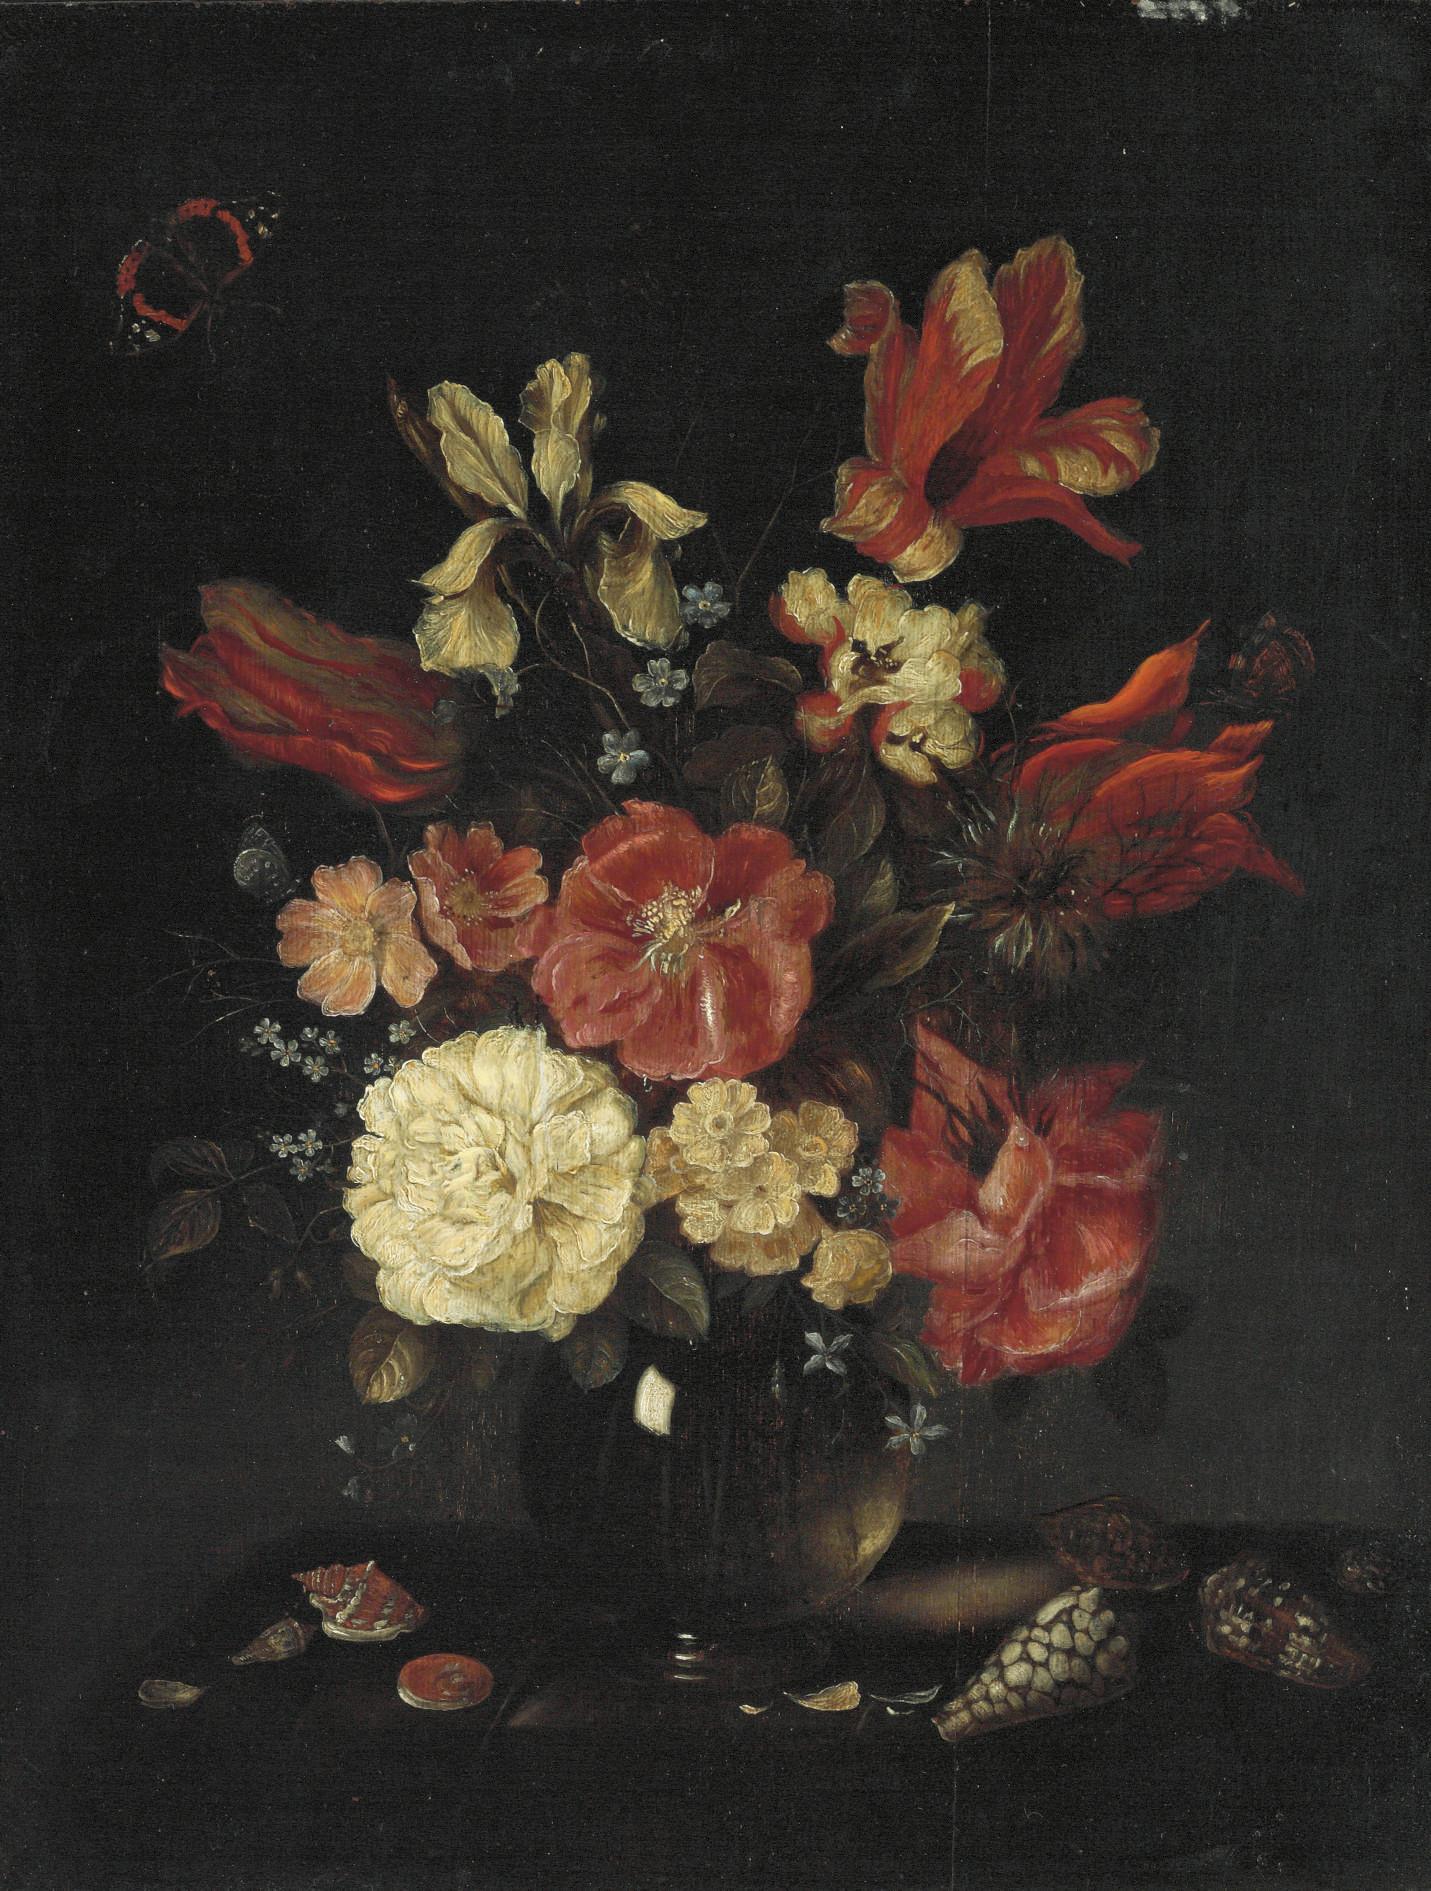 Pieter van de Venne (Middelbur